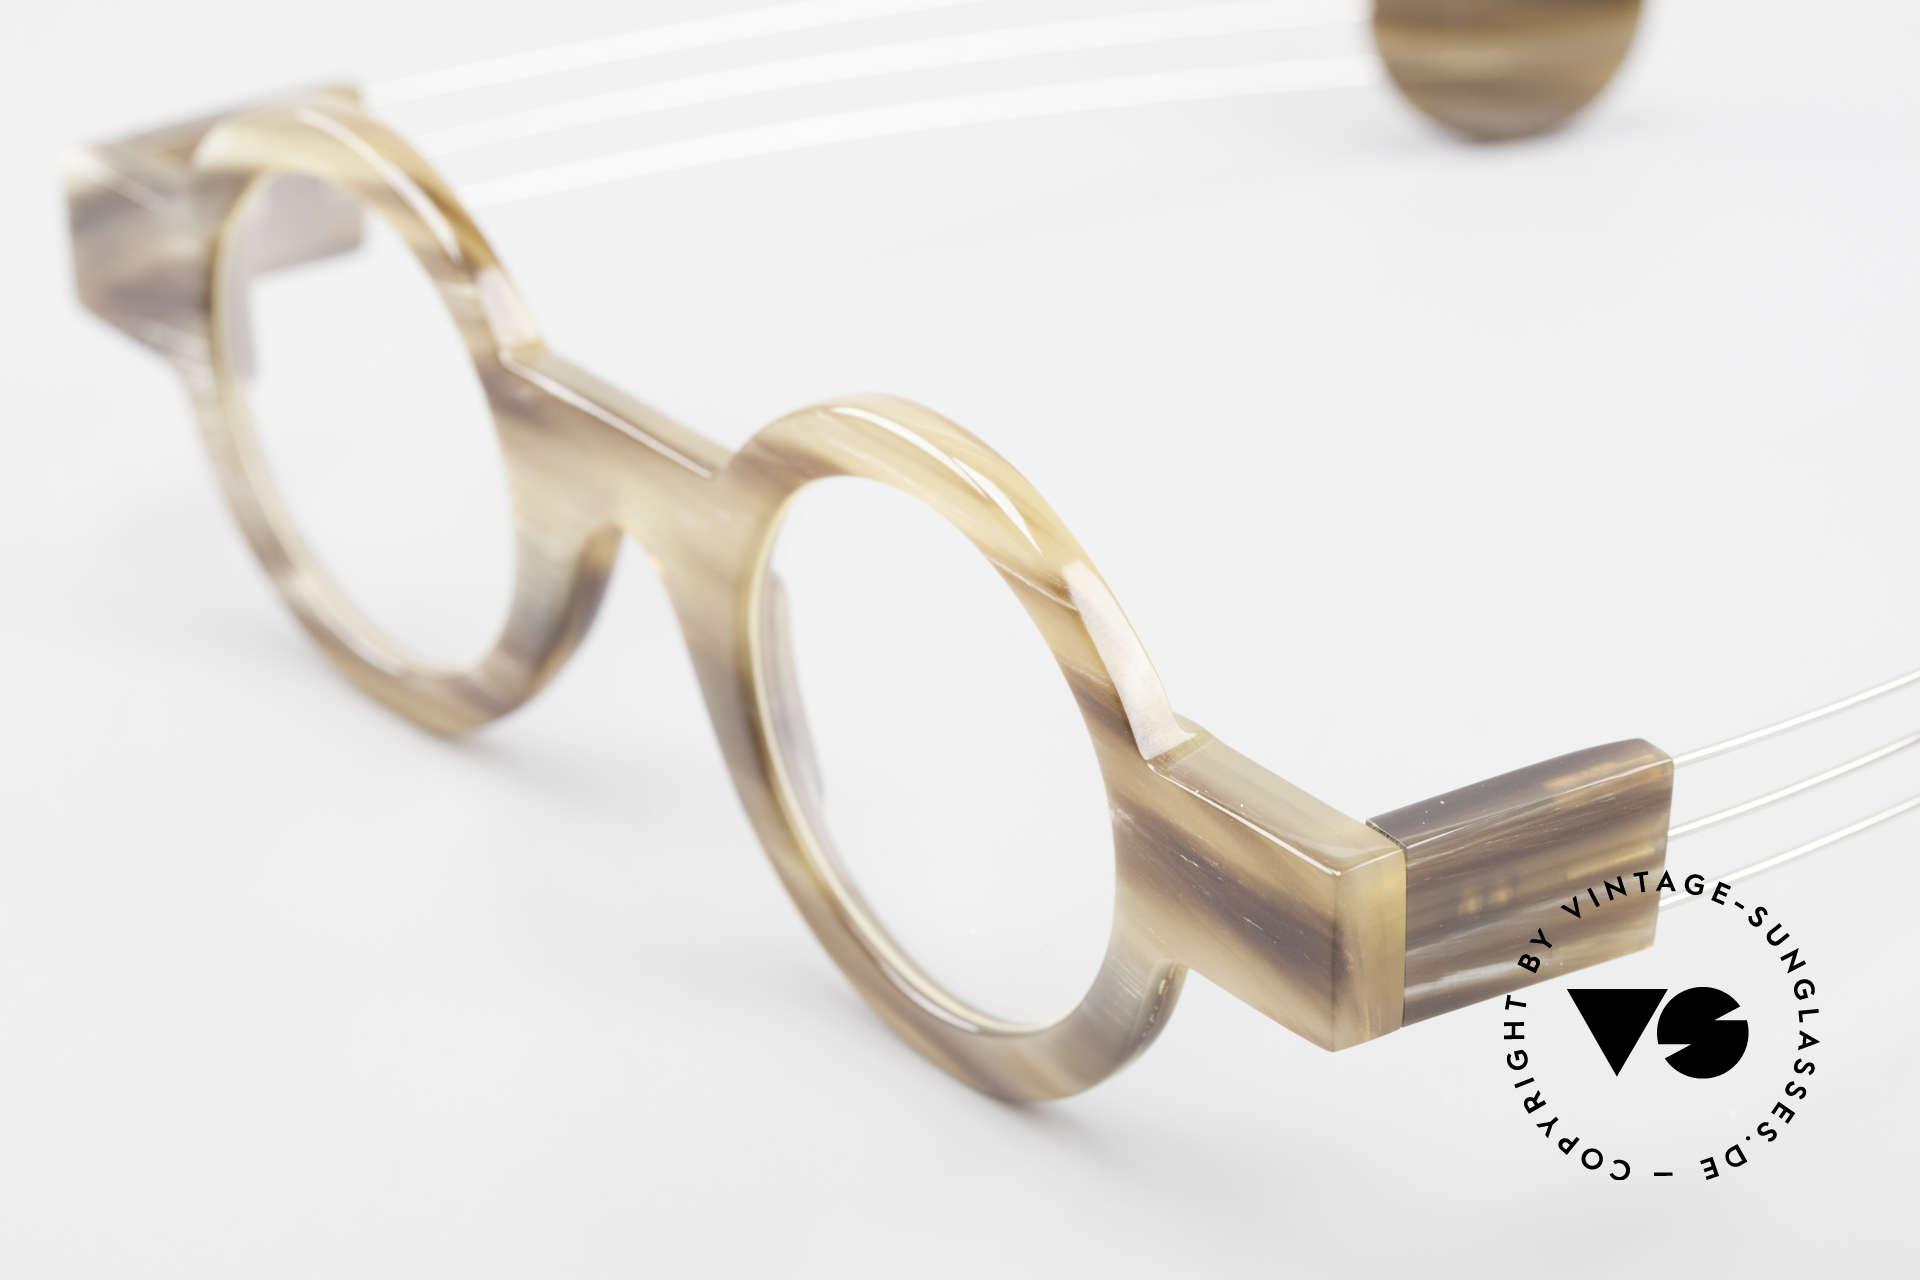 P. Klenk Bold 022 Runde Hornbrille Einzelstück, ungetragenes vintage EINZELSTÜCK aus dem Jahre 1991, Passend für Herren und Damen